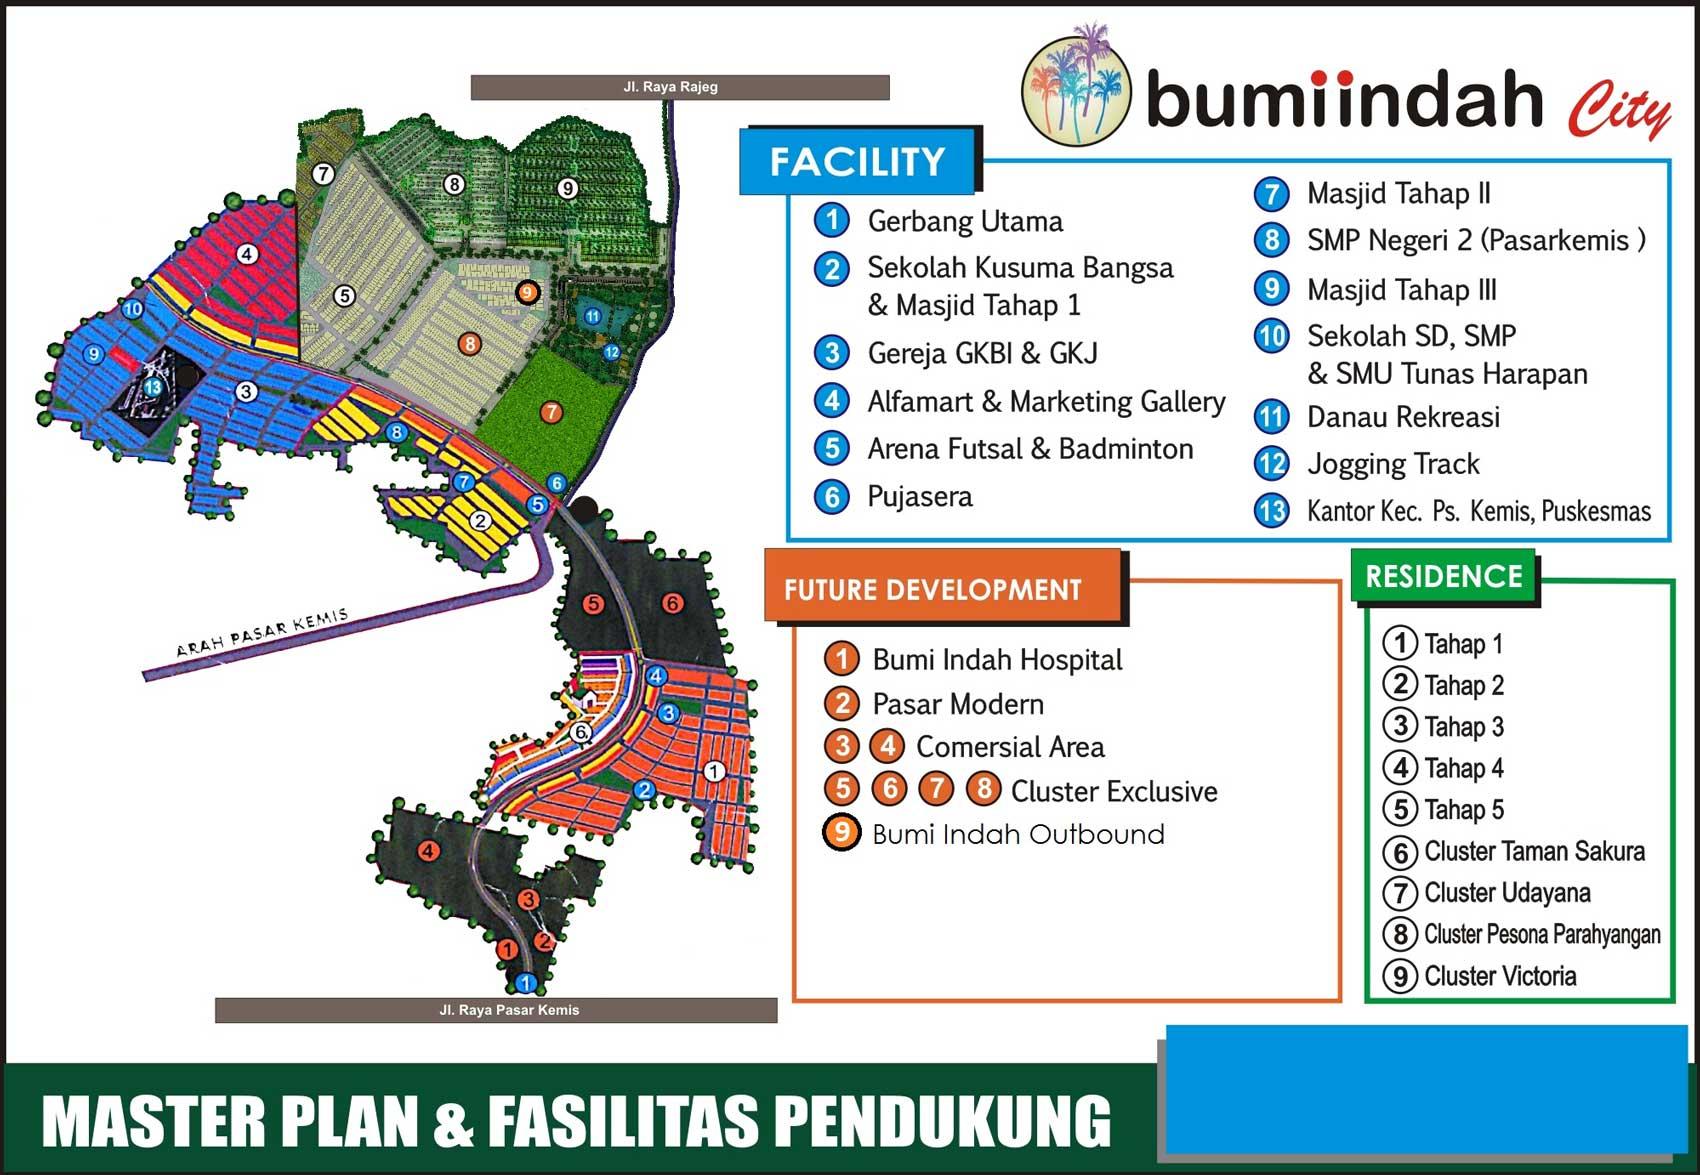 Bumi Indah City Masterplan